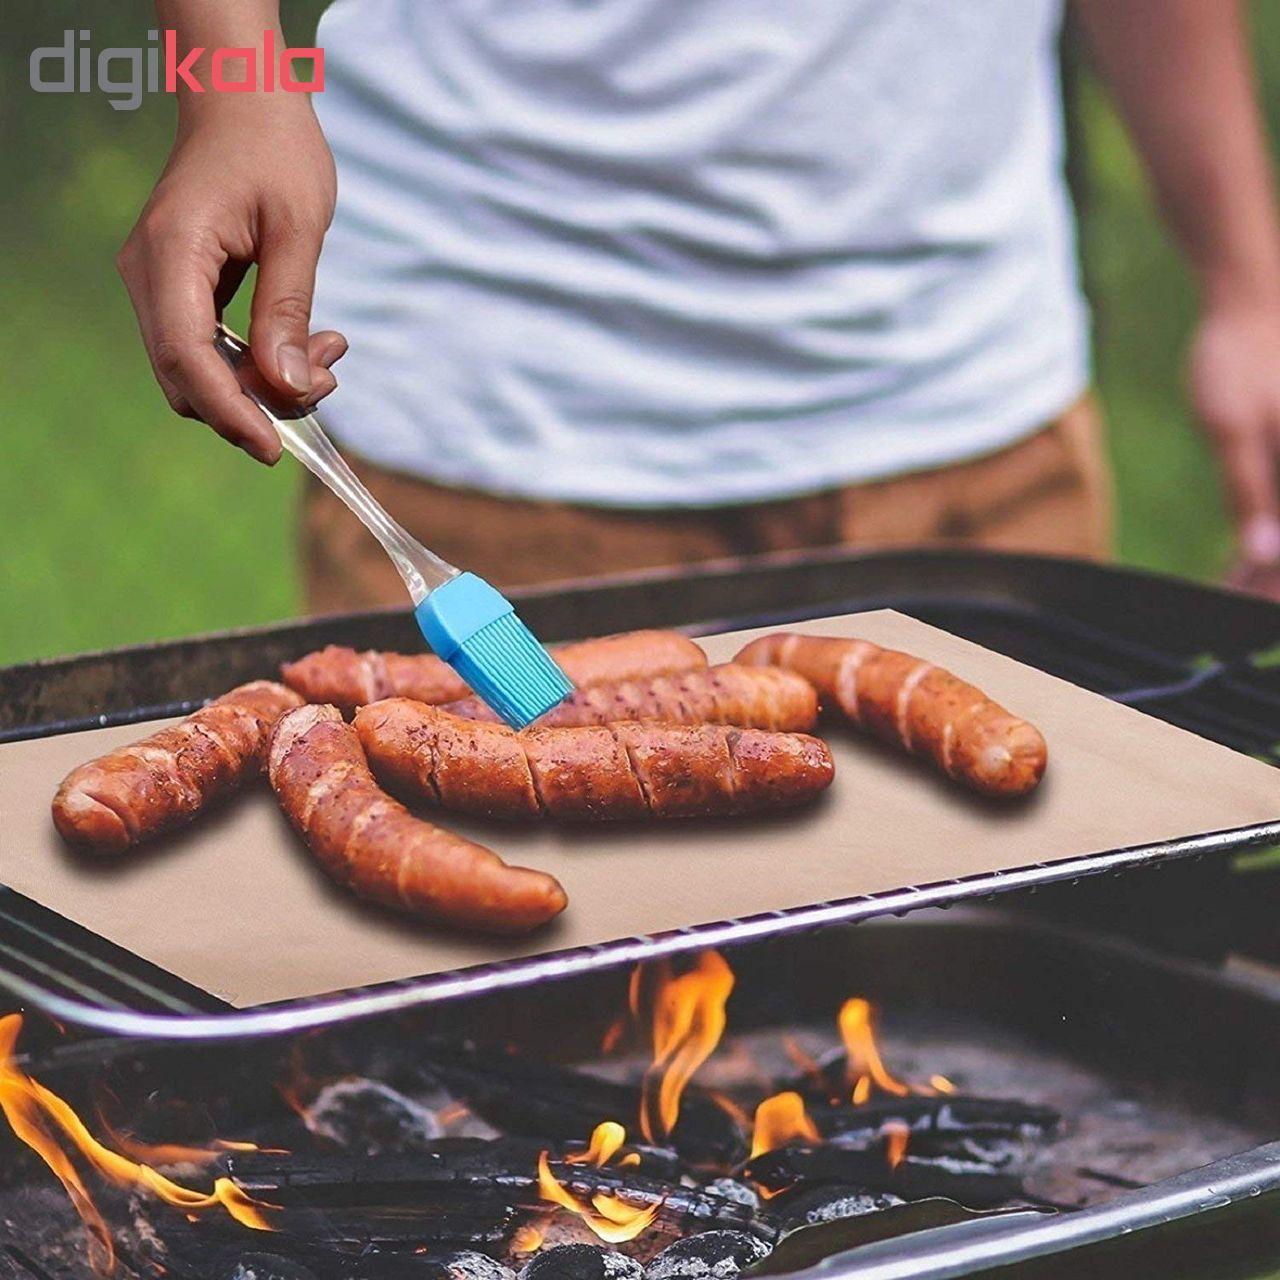 ورق نسوز آشپزی و شیرینی پزی مدل N1  با ابعاد 40 در 60 سانتی متر  main 1 3